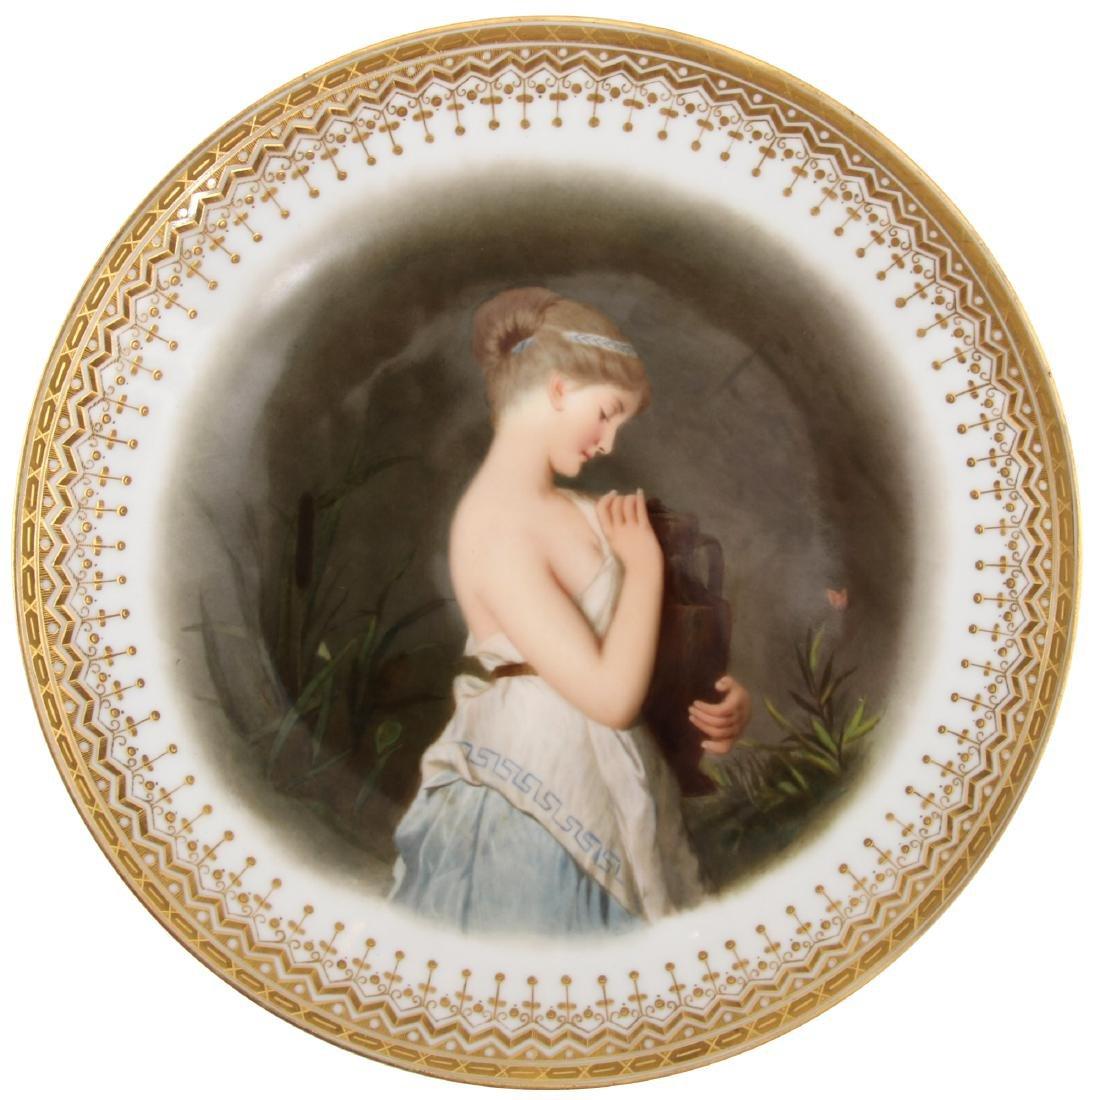 KPM Hand Painted Portrait Plate